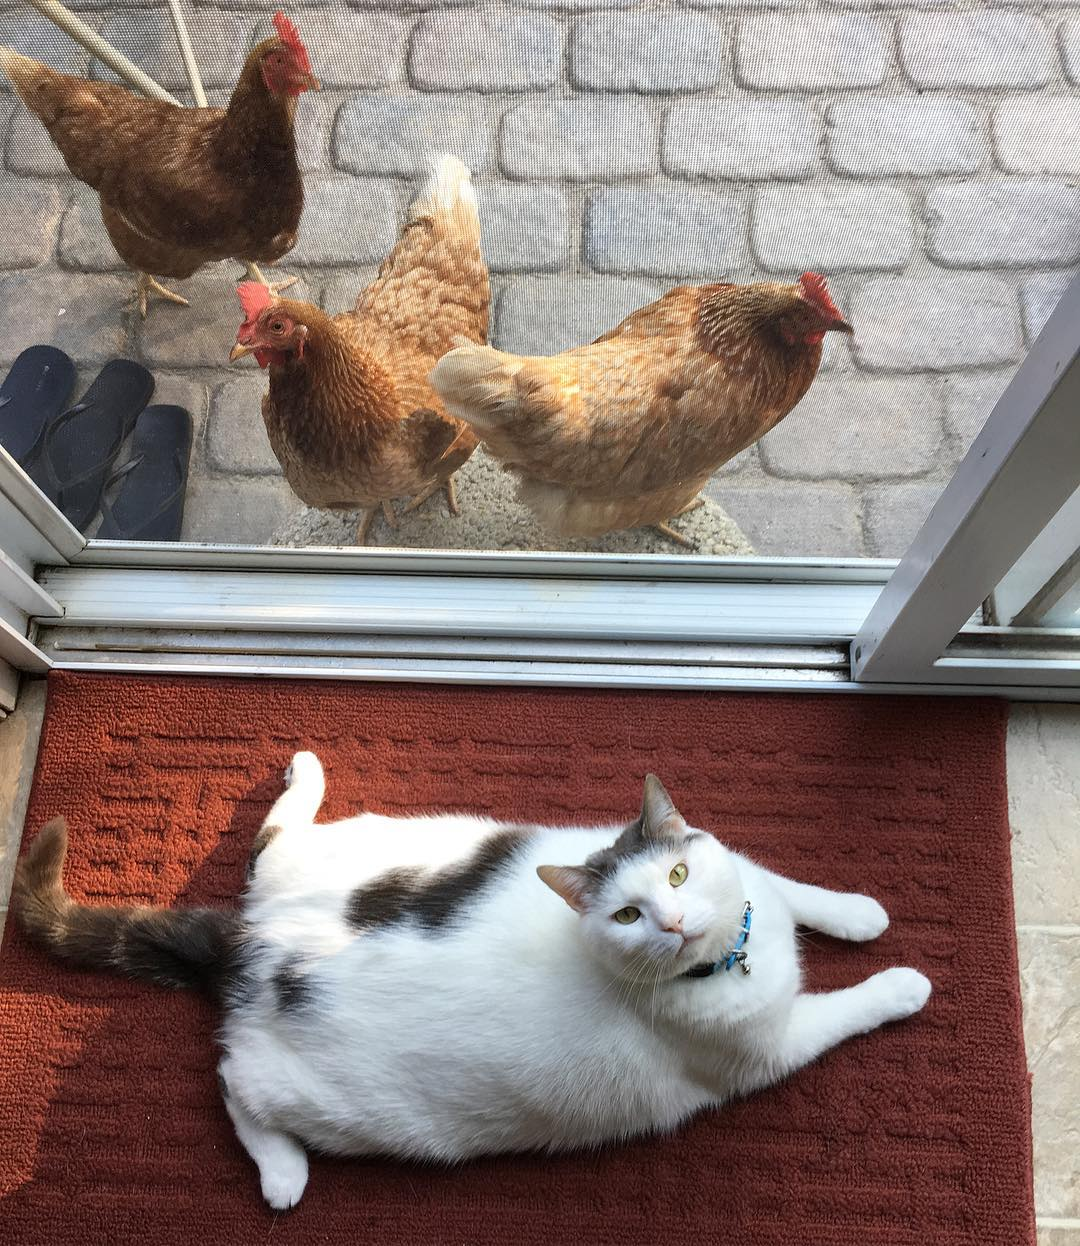 鸡界大明星!这只「胖猫皇」有着一群死忠粉丝,超专业粉丝服务每天变换「不同慵懒英姿」提供观赏! (14张) -21373352_149786915617083_2785060797083025408_n